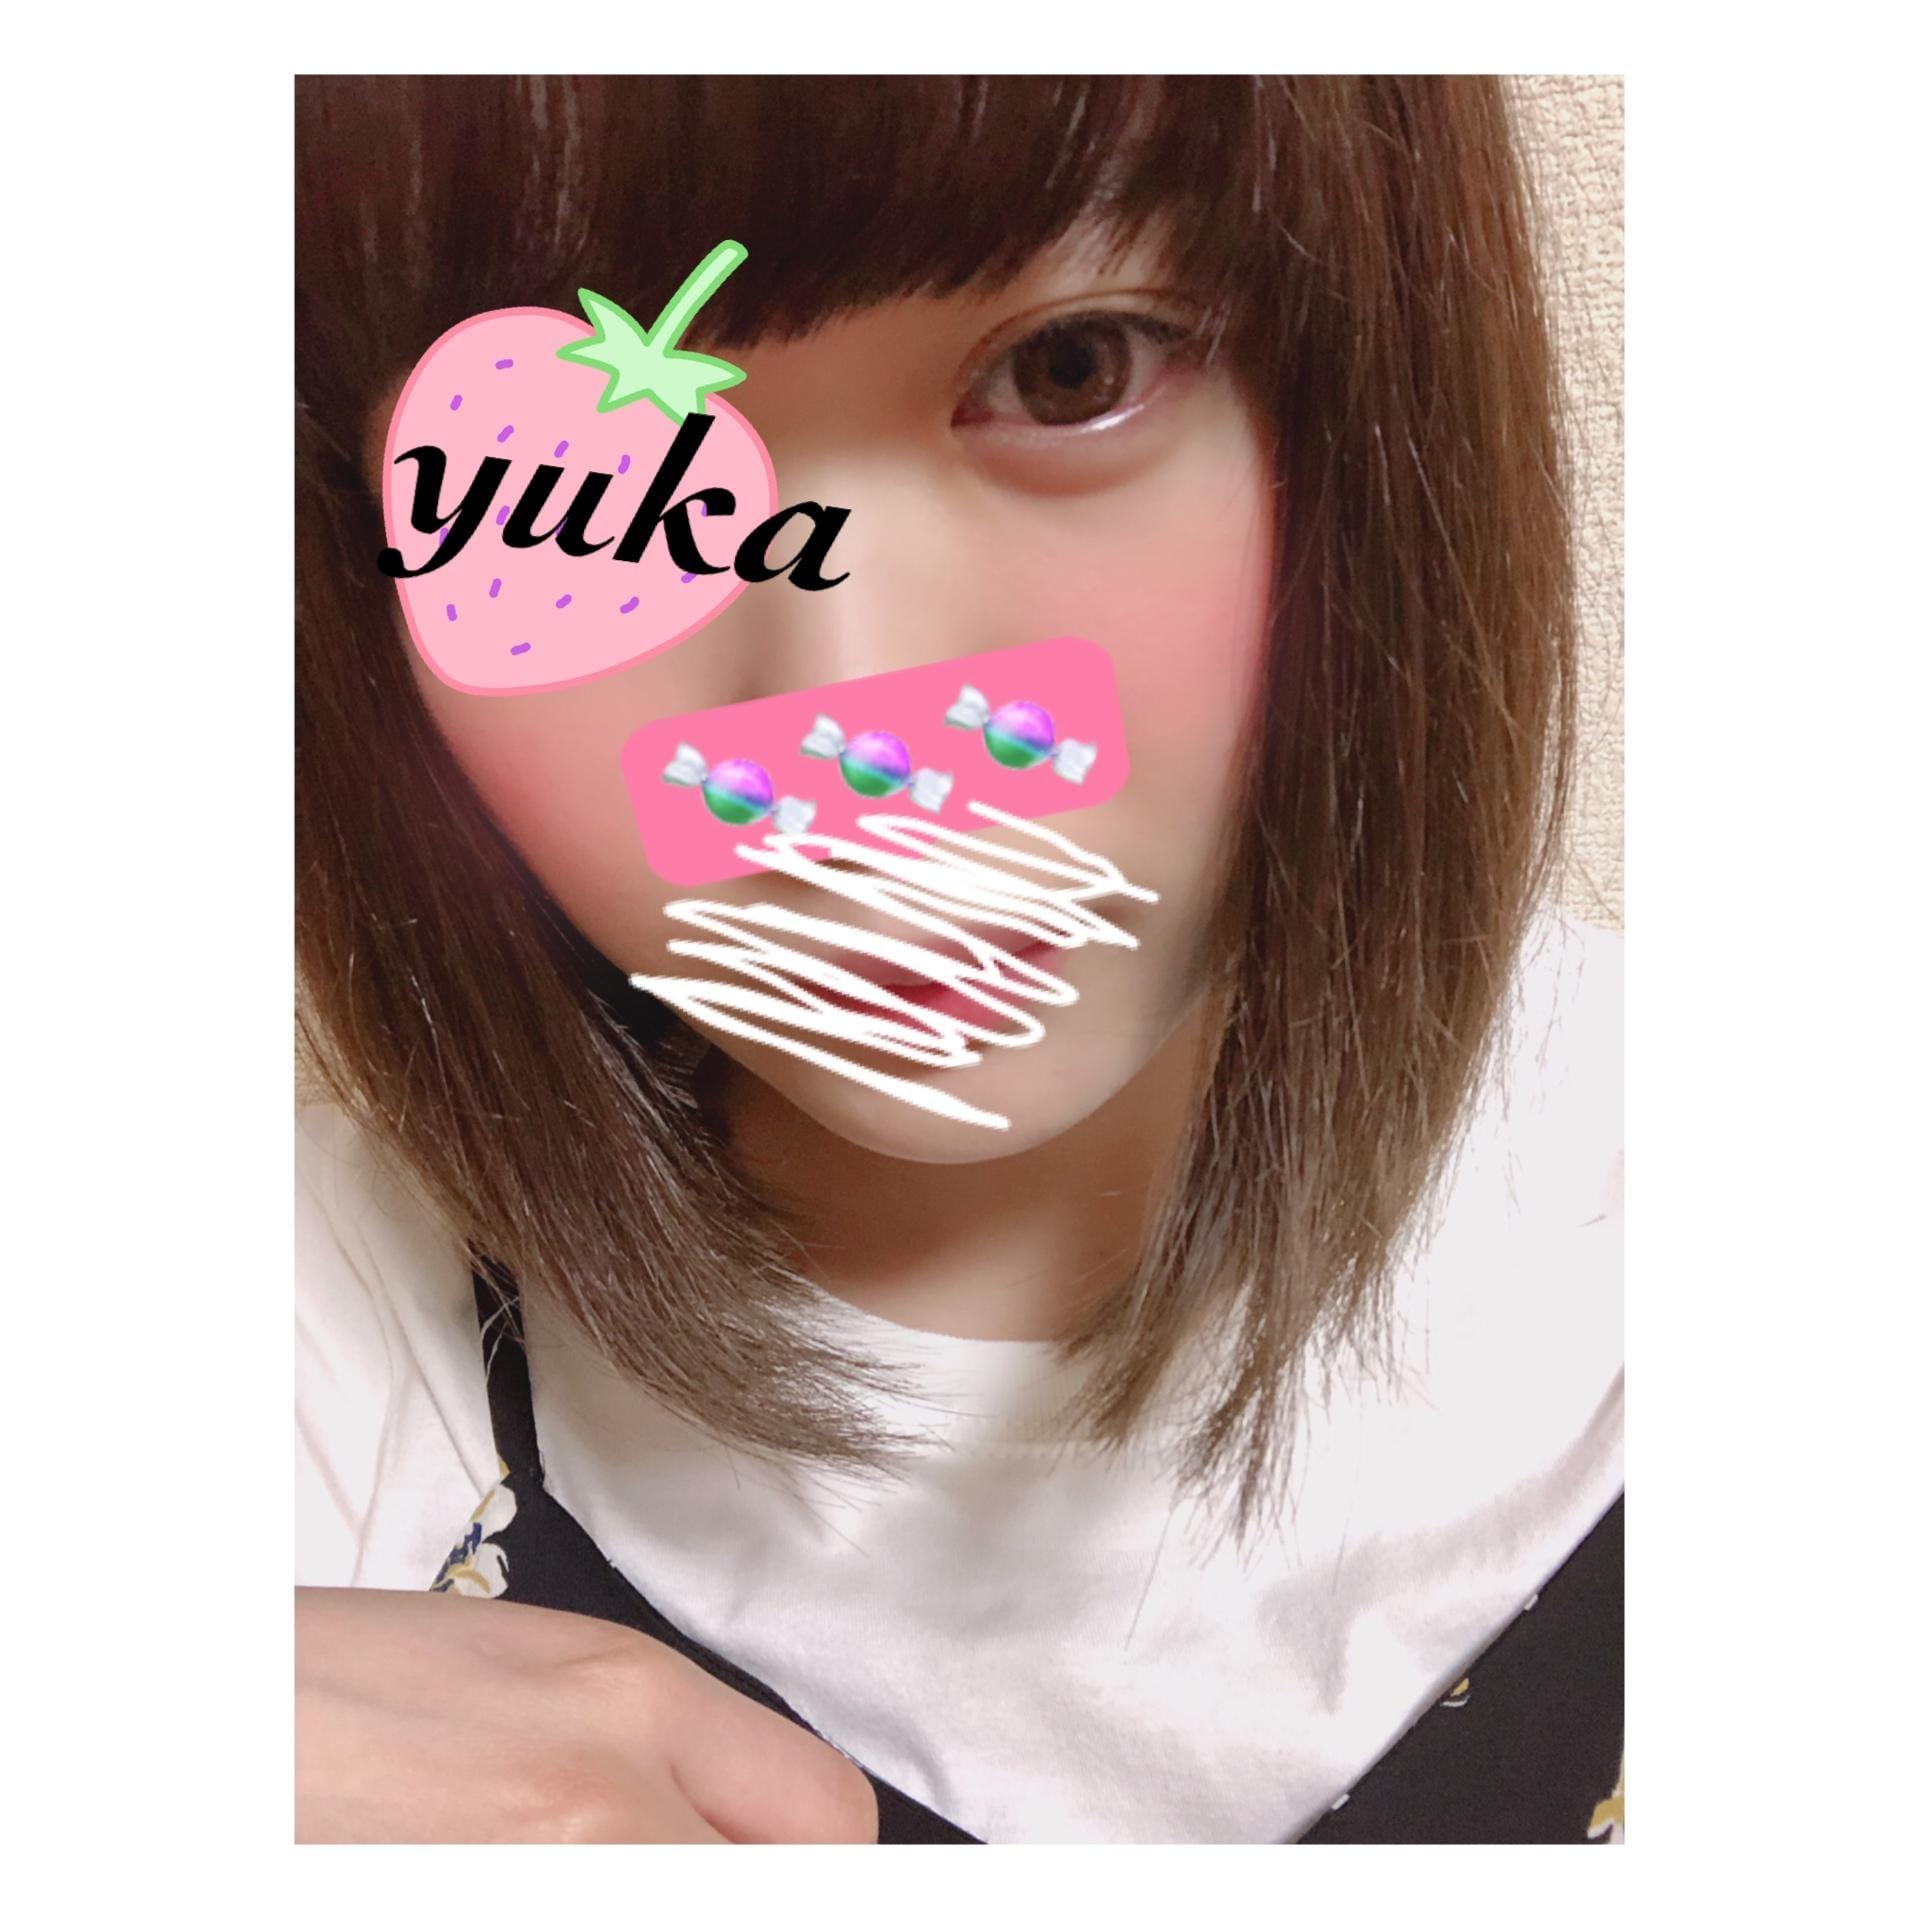 ゆか「おれい!」05/25(金) 22:35 | ゆかの写メ・風俗動画